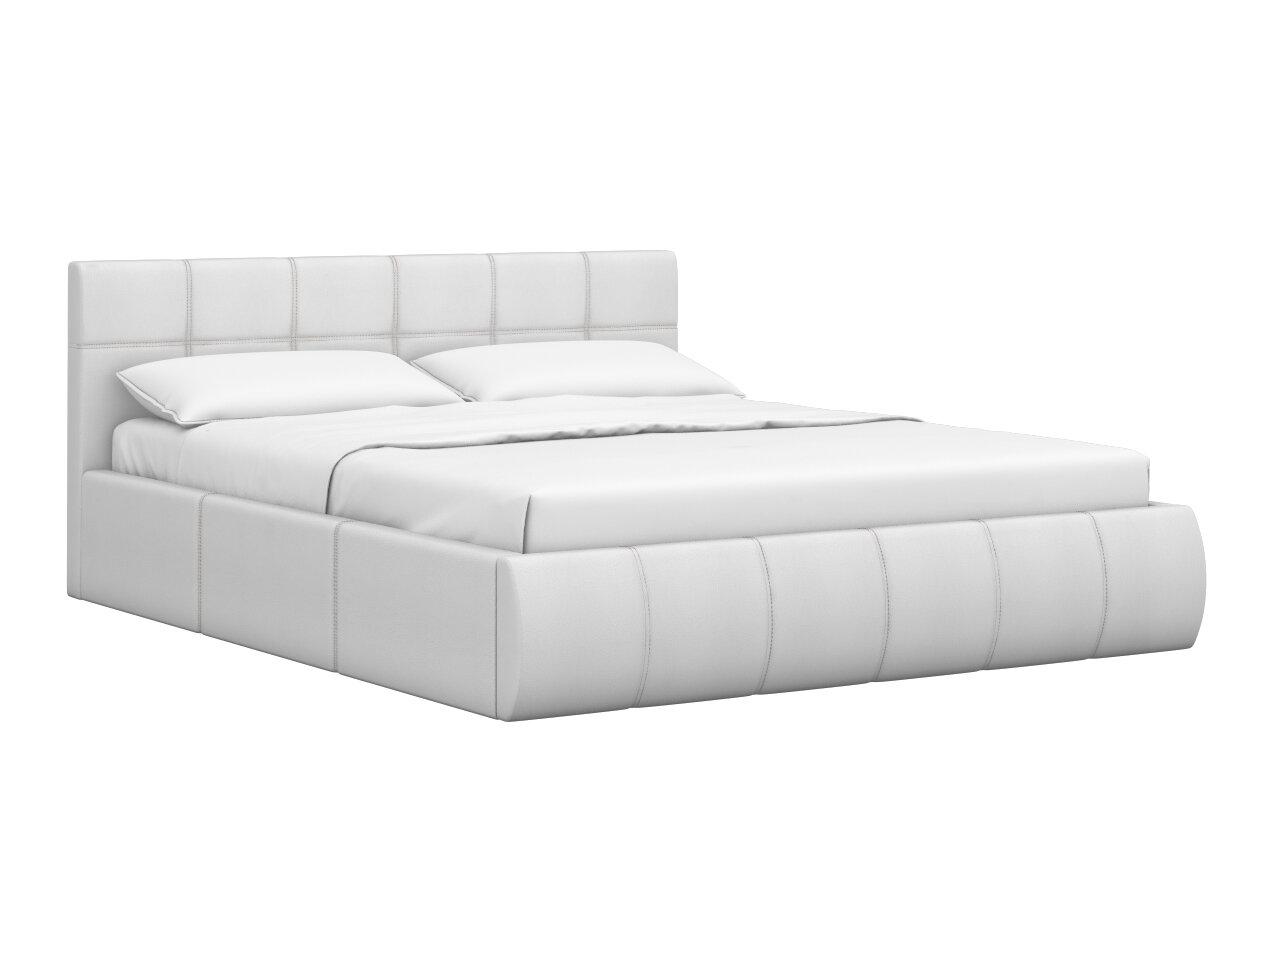 Двуспальная кровать Моби Афина 2812 кровать двойная Белый